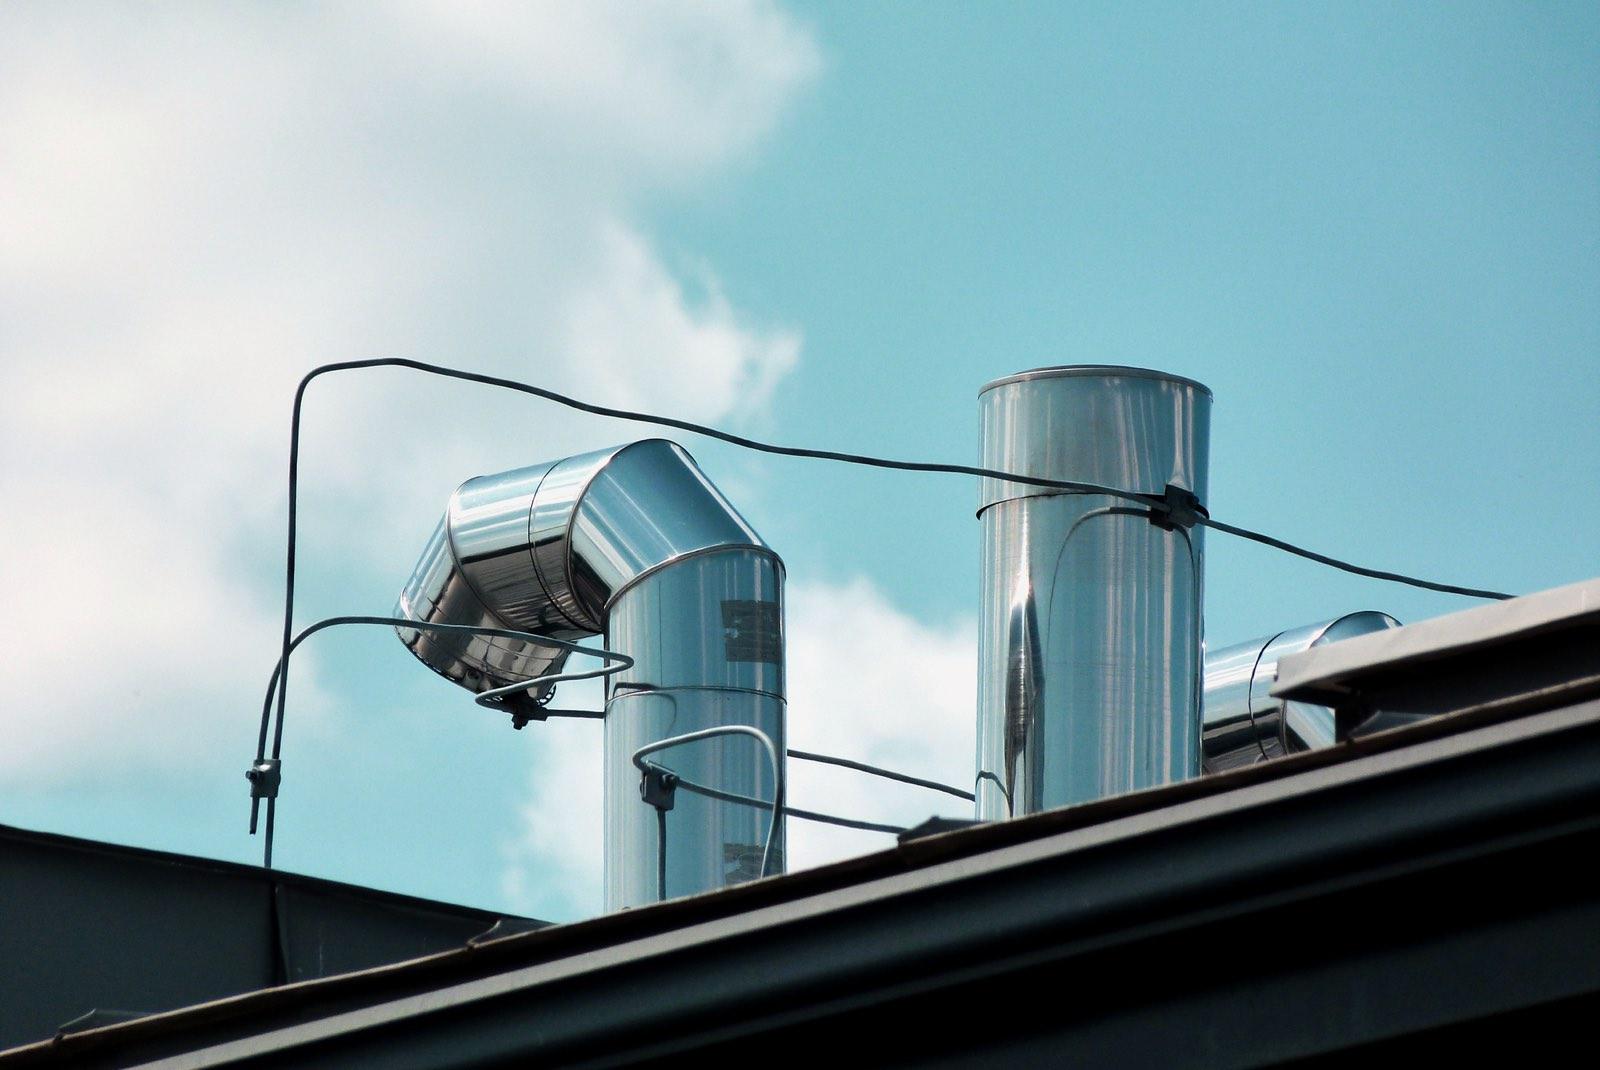 Requisitos que debe cumplir el local para cumplir la normativa de salida de humos